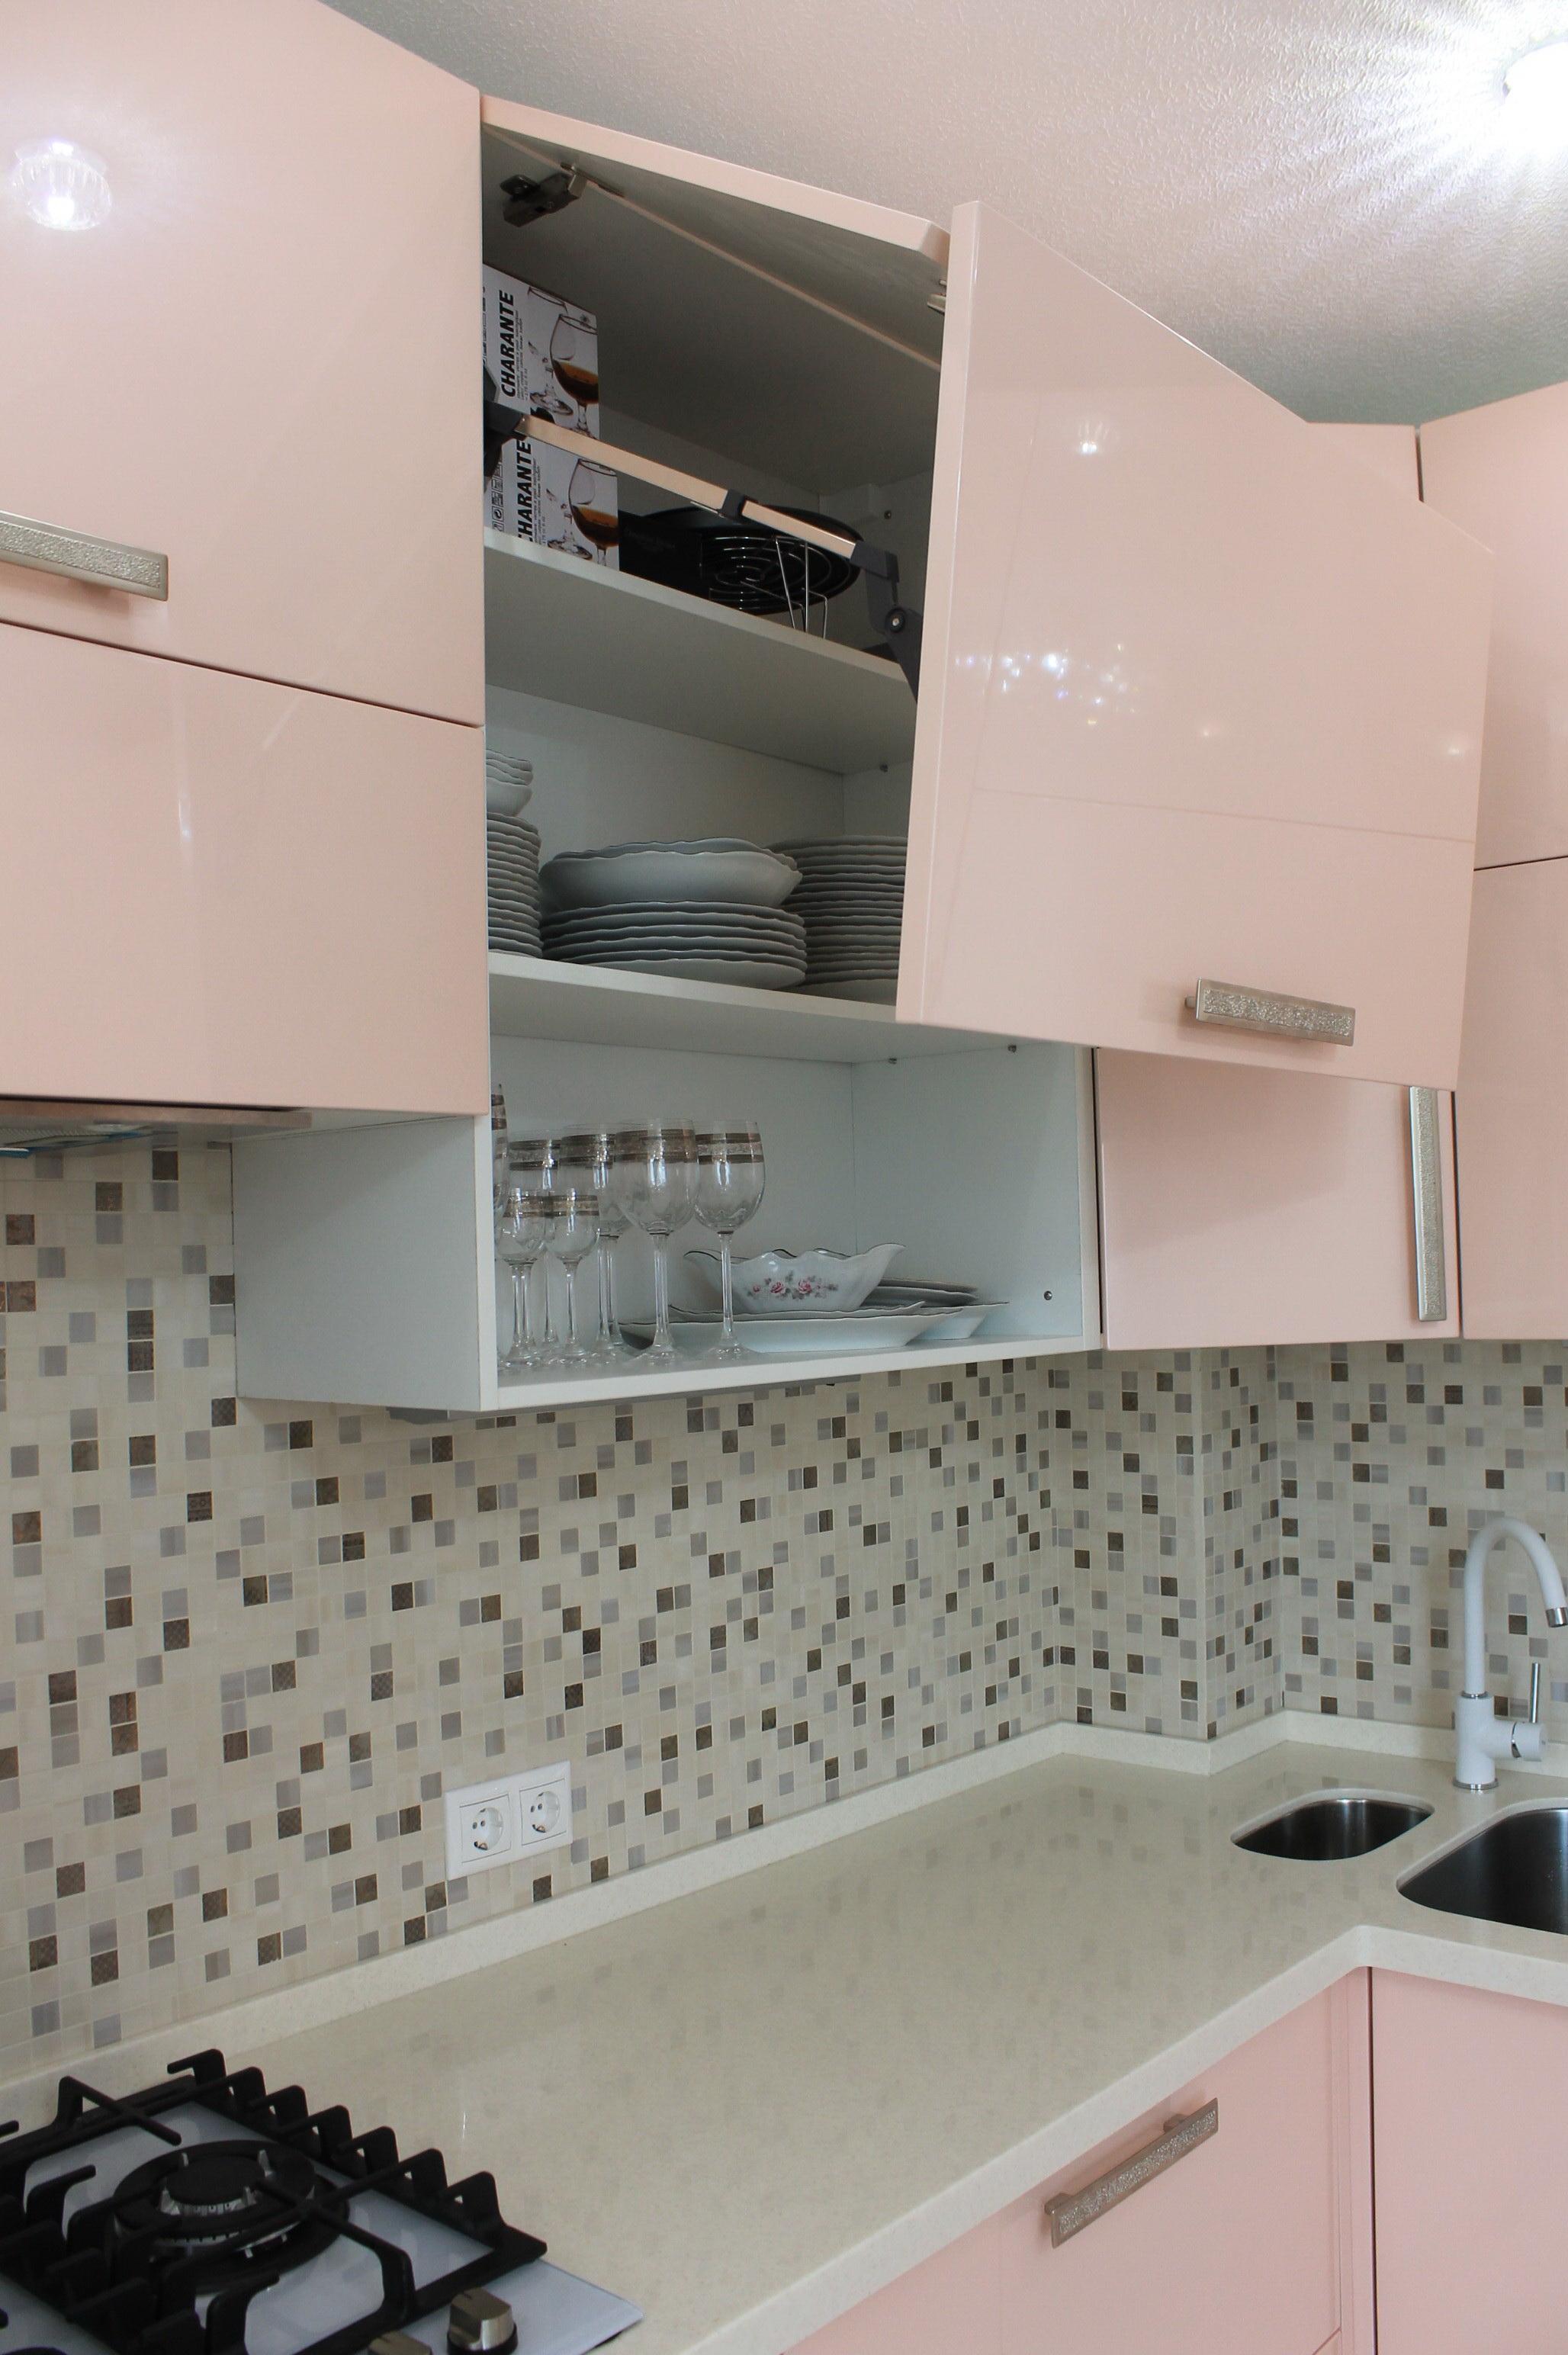 кухонный гарнитур эмаль.JPG